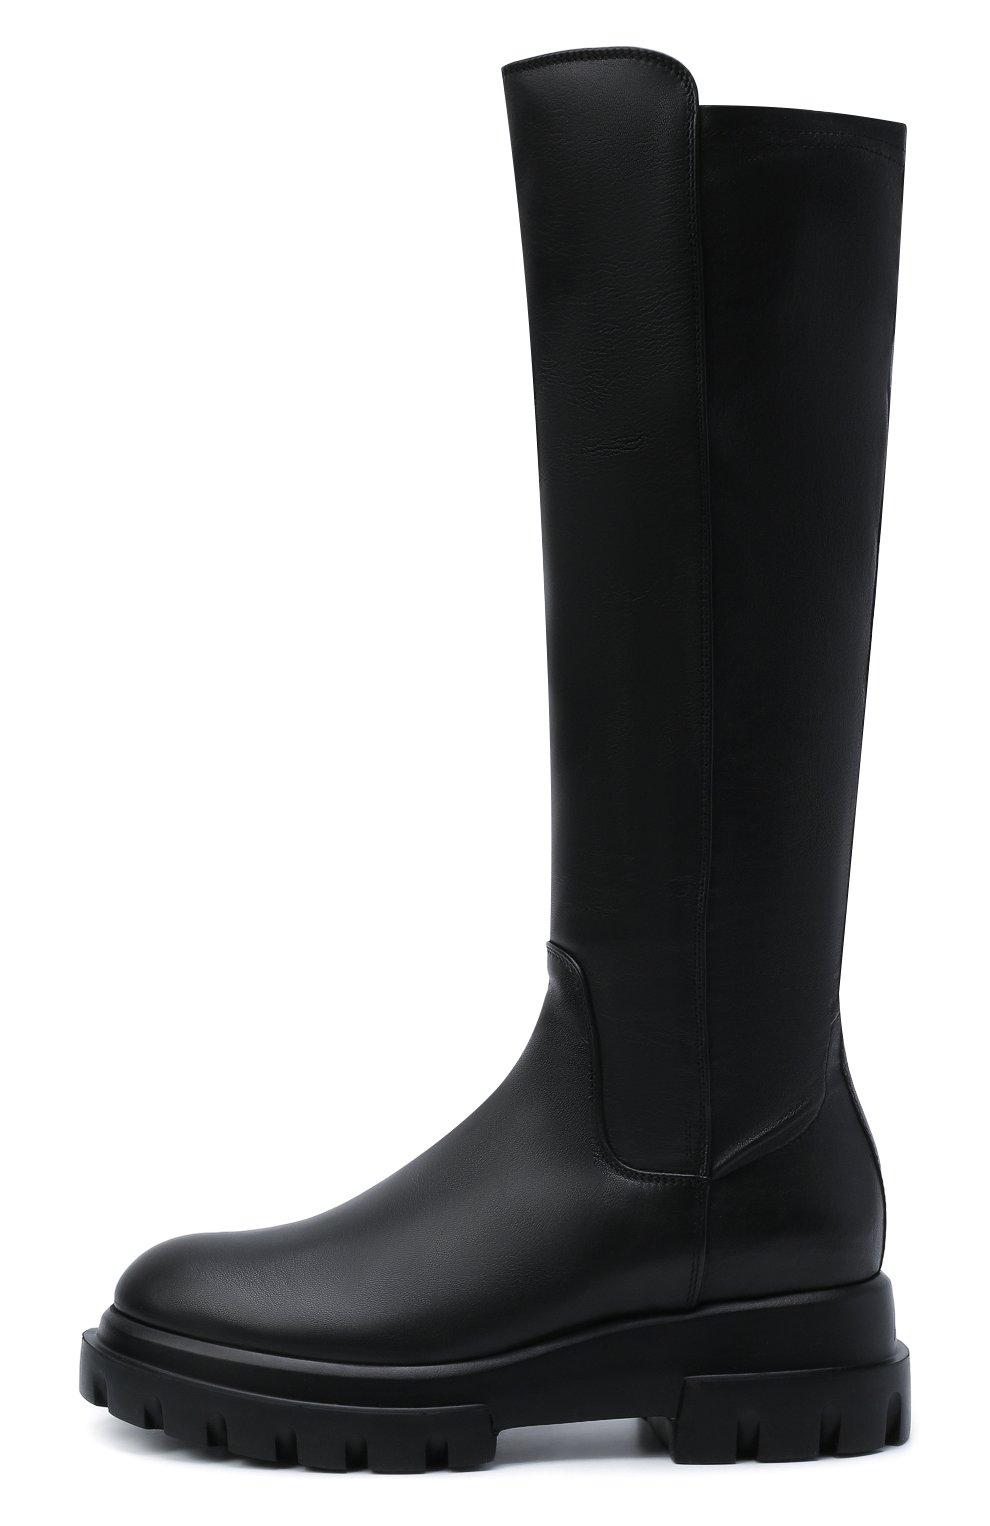 Женские кожаные сапоги AGL черного цвета, арт. D756564PGKA1121049 | Фото 3 (Материал внешний: Текстиль; Подошва: Платформа; Высота голенища: Средние; Каблук высота: Низкий; Материал внутренний: Натуральная кожа; Каблук тип: Устойчивый)